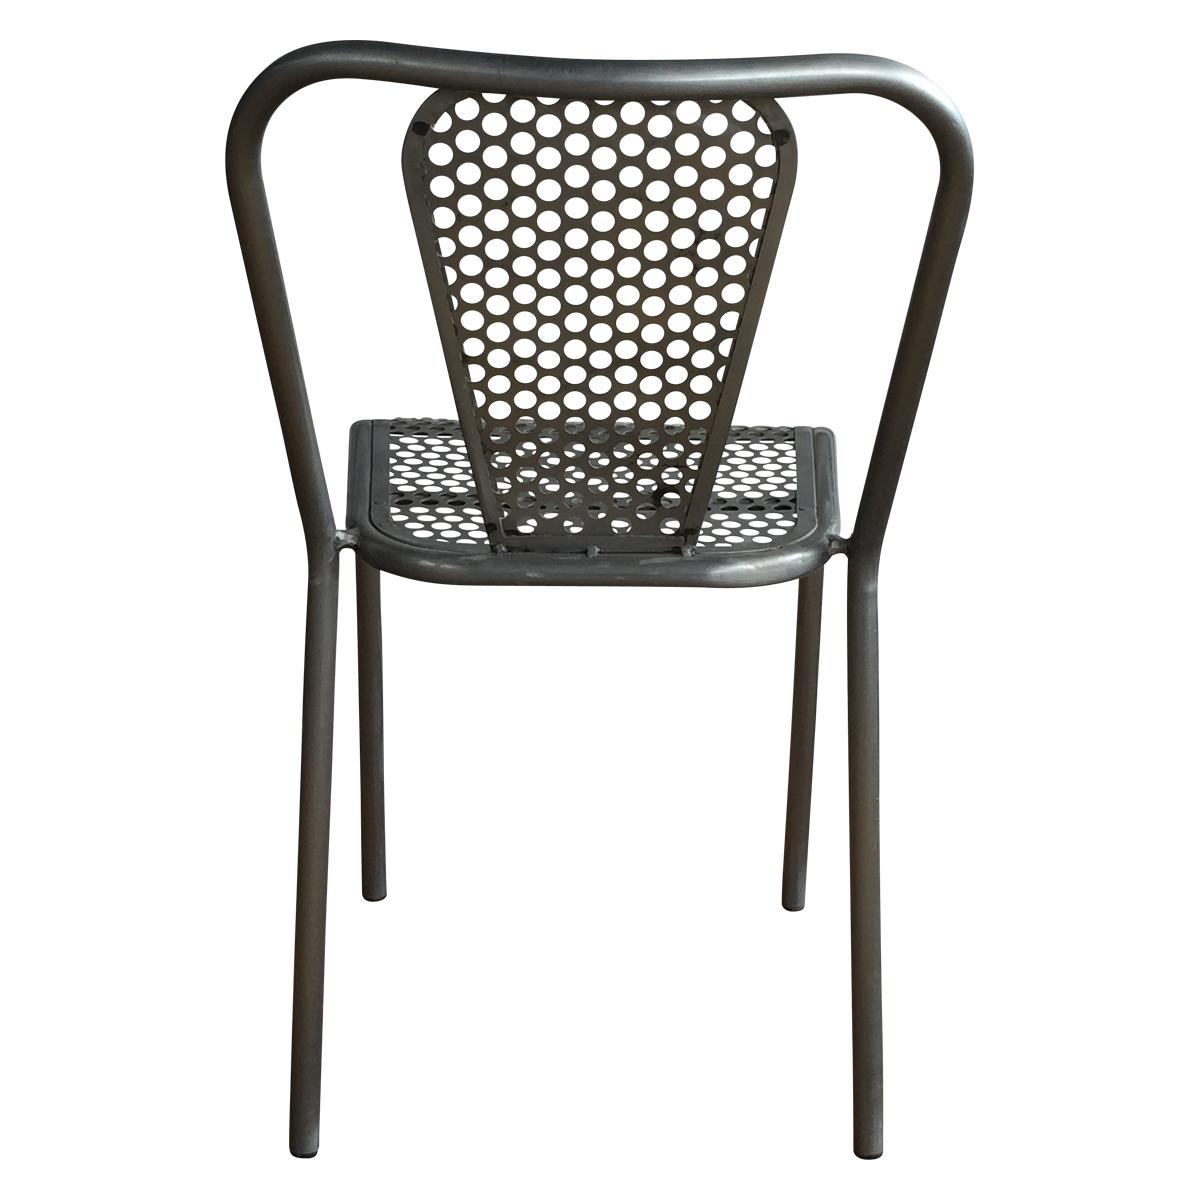 chaise en m tal grise style industriel demeure et jardin. Black Bedroom Furniture Sets. Home Design Ideas